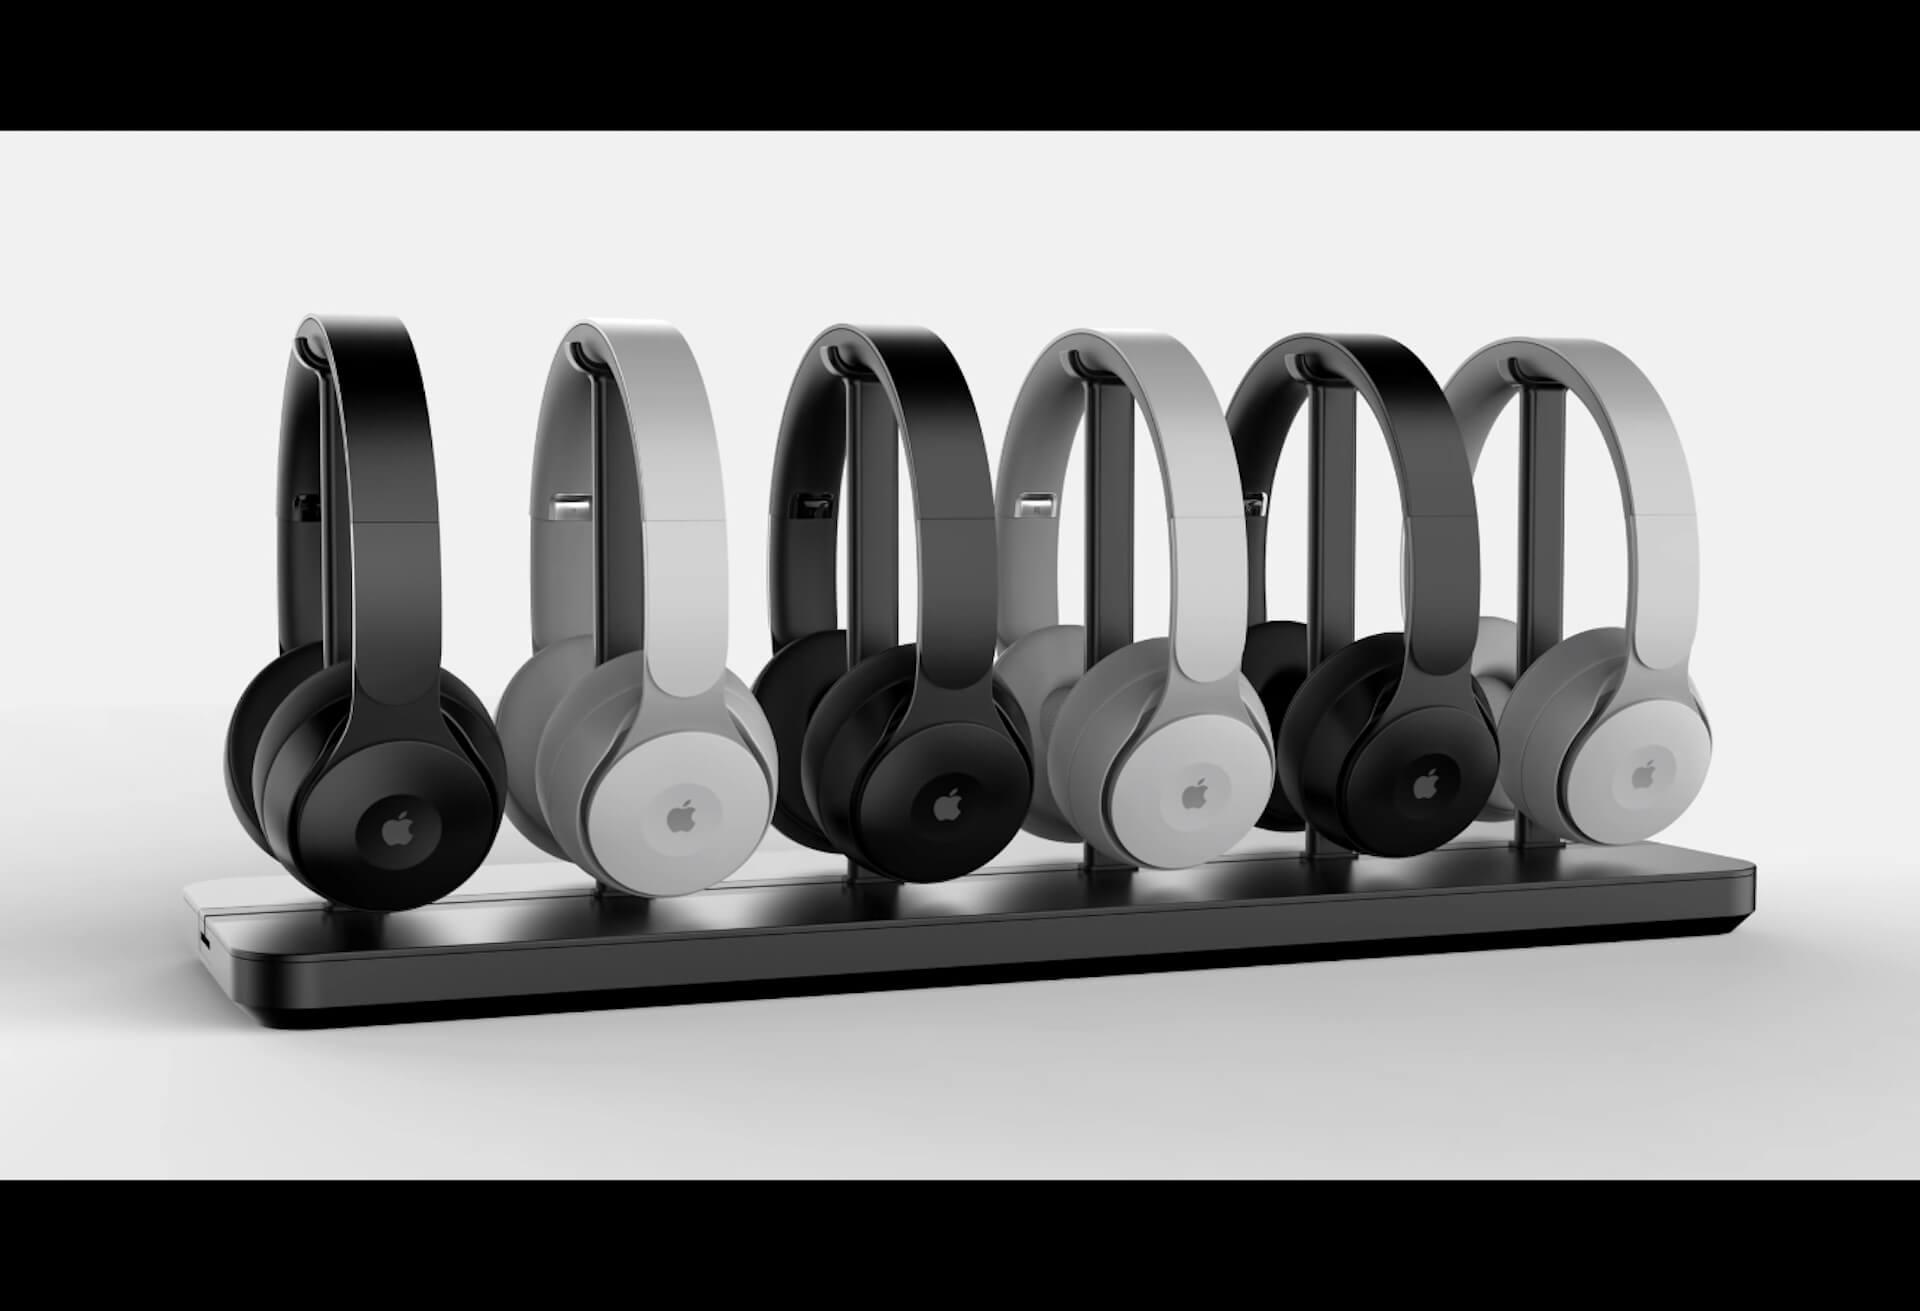 Appleから登場する初のワイヤレスヘッドホンは磁力で付け替えできるイヤーパッド&ヘッドバンドを採用? tech200417_apple_headphone_main